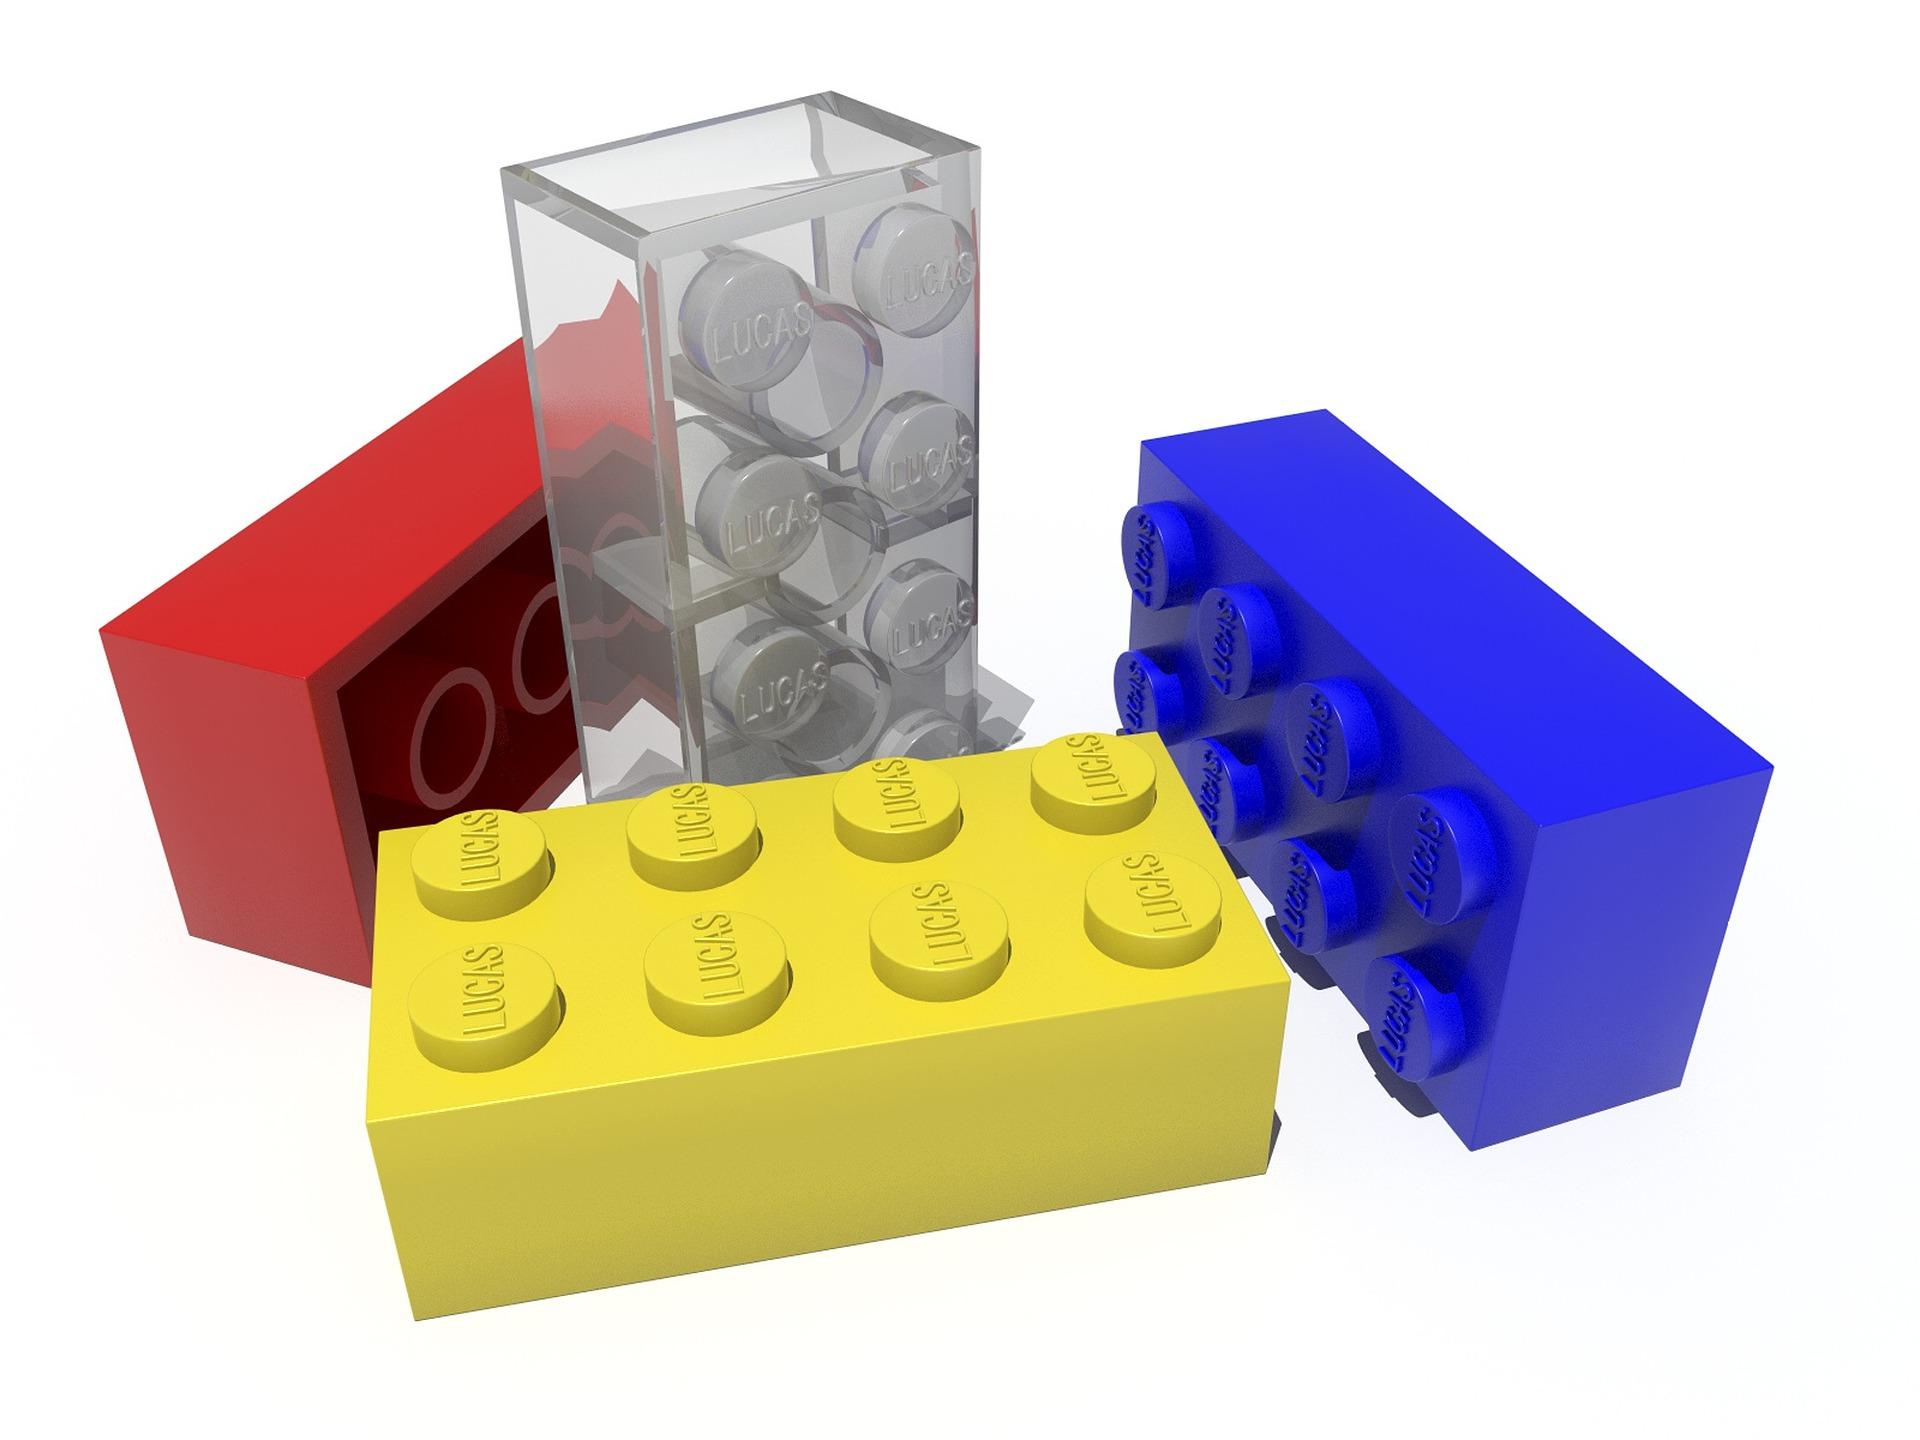 lego-615239_1920.jpg